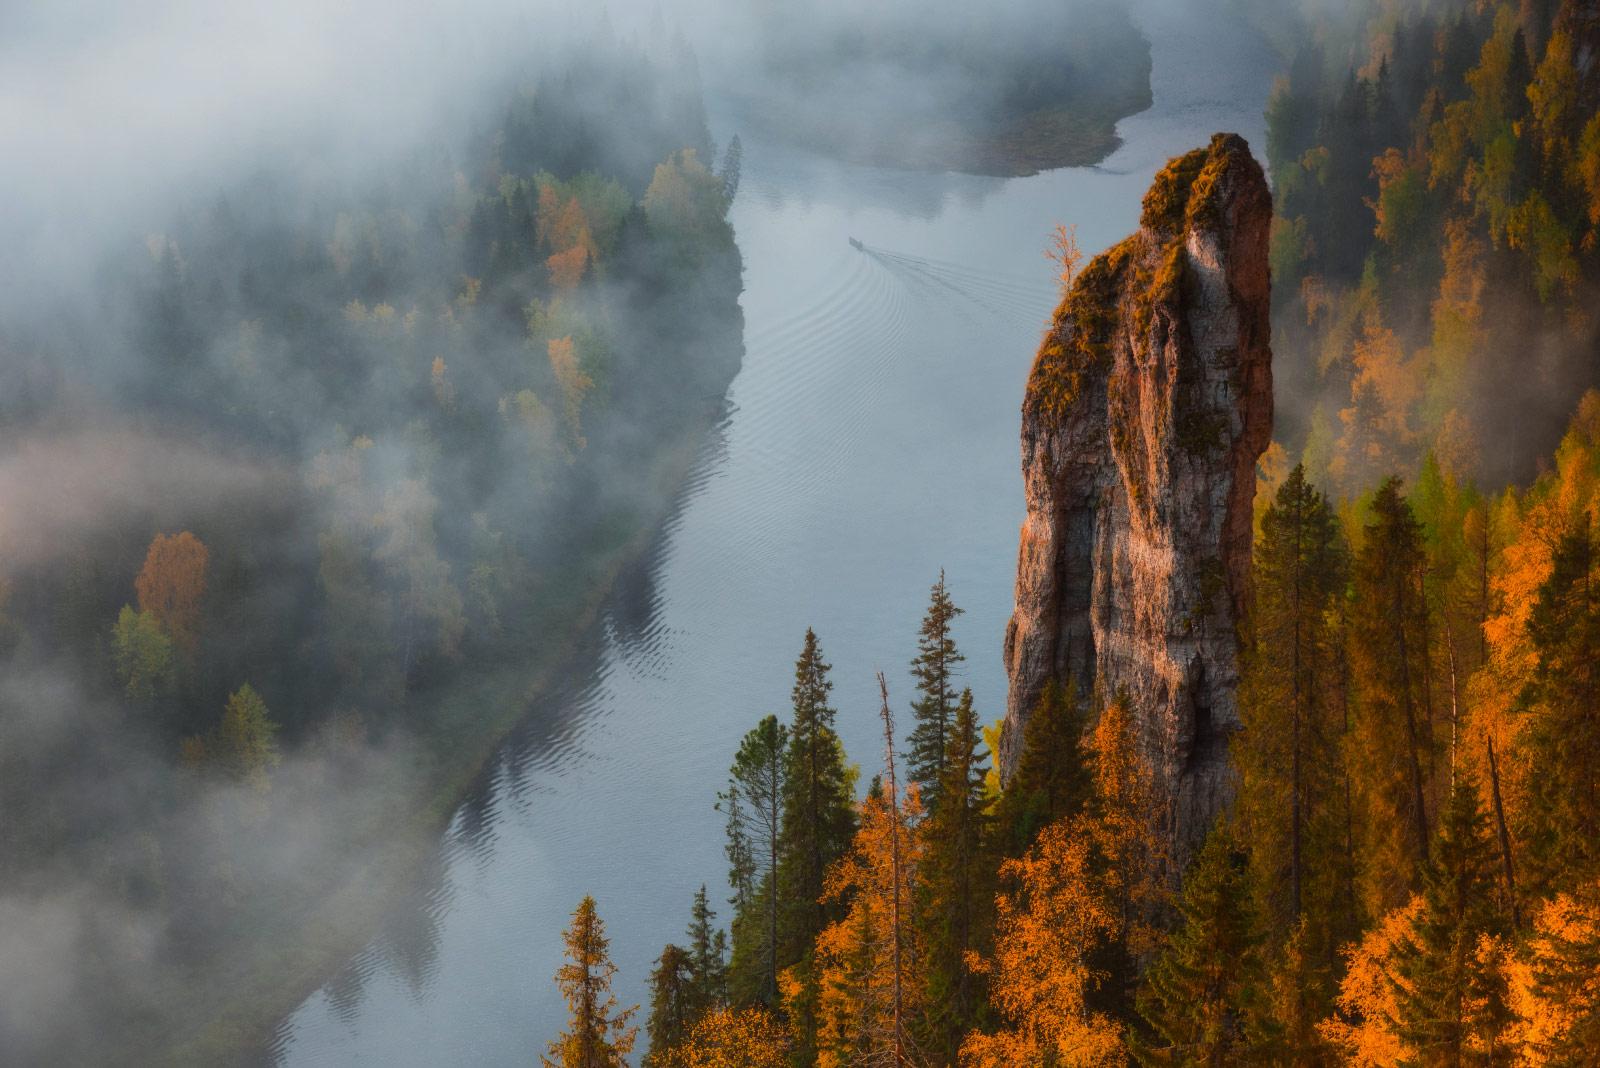 Осень на Усьвинских столбах, Вадим Балакин, Пейзажи, Фотоконкурс «Дикая природа России»